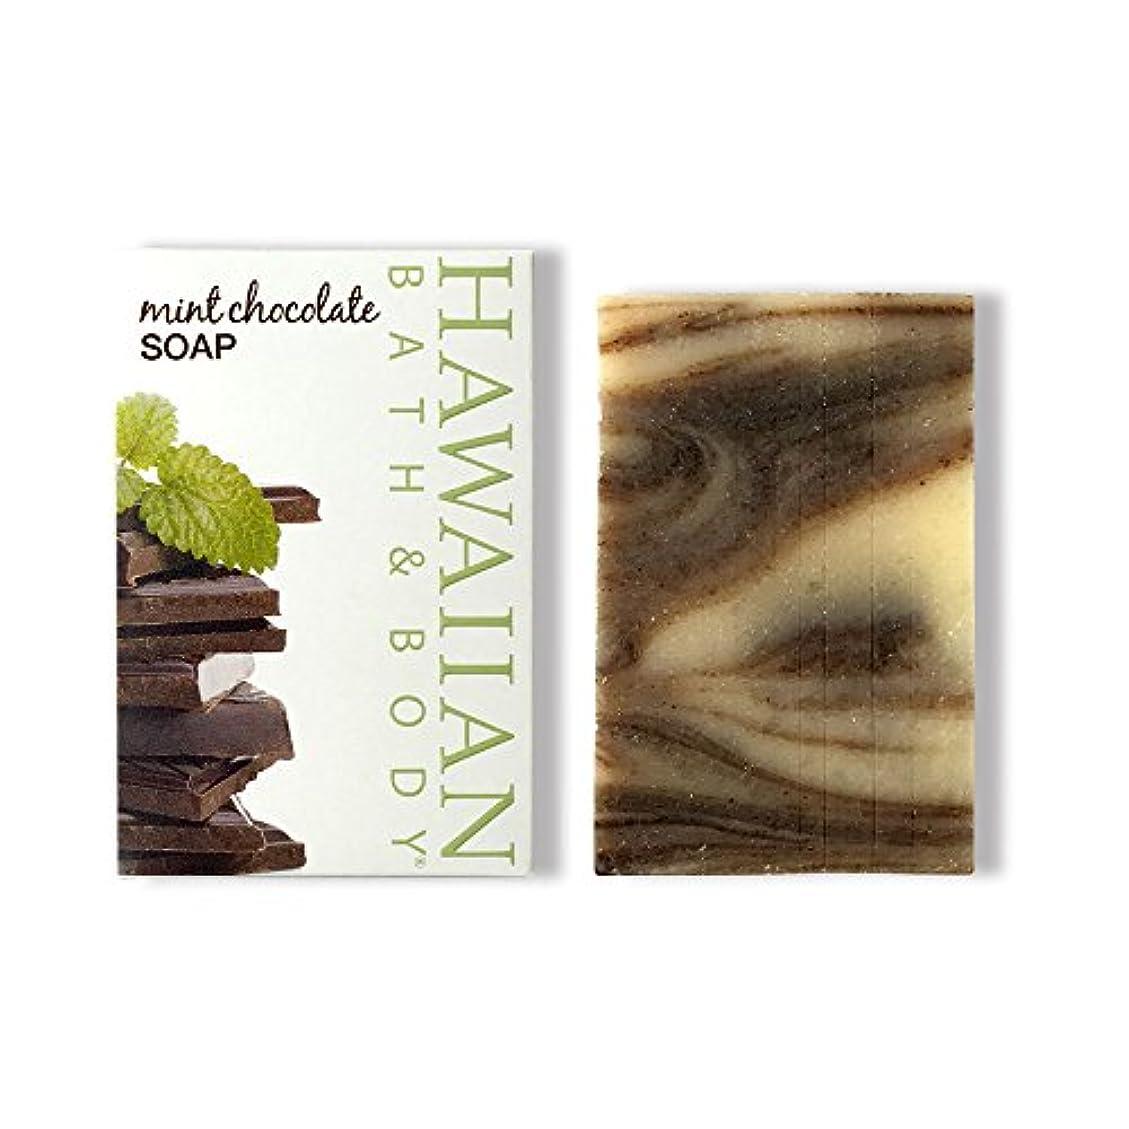 不機嫌そうなトラック差ハワイアンバス&ボディ ハワイアン?ミントチョコレートソープ ( Hawaii Mint Chocolate Soap )